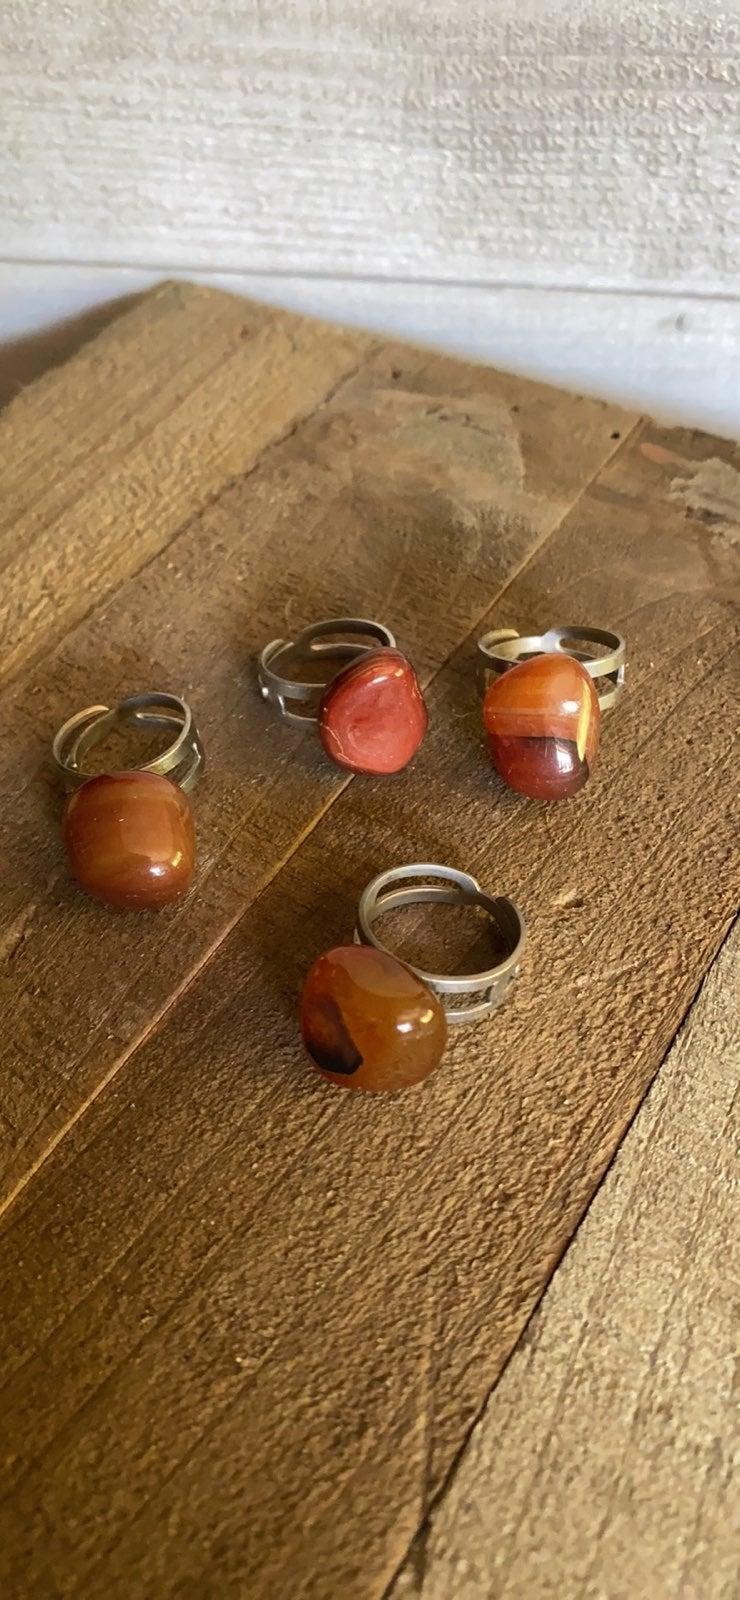 Vintage Adjustable rock rings